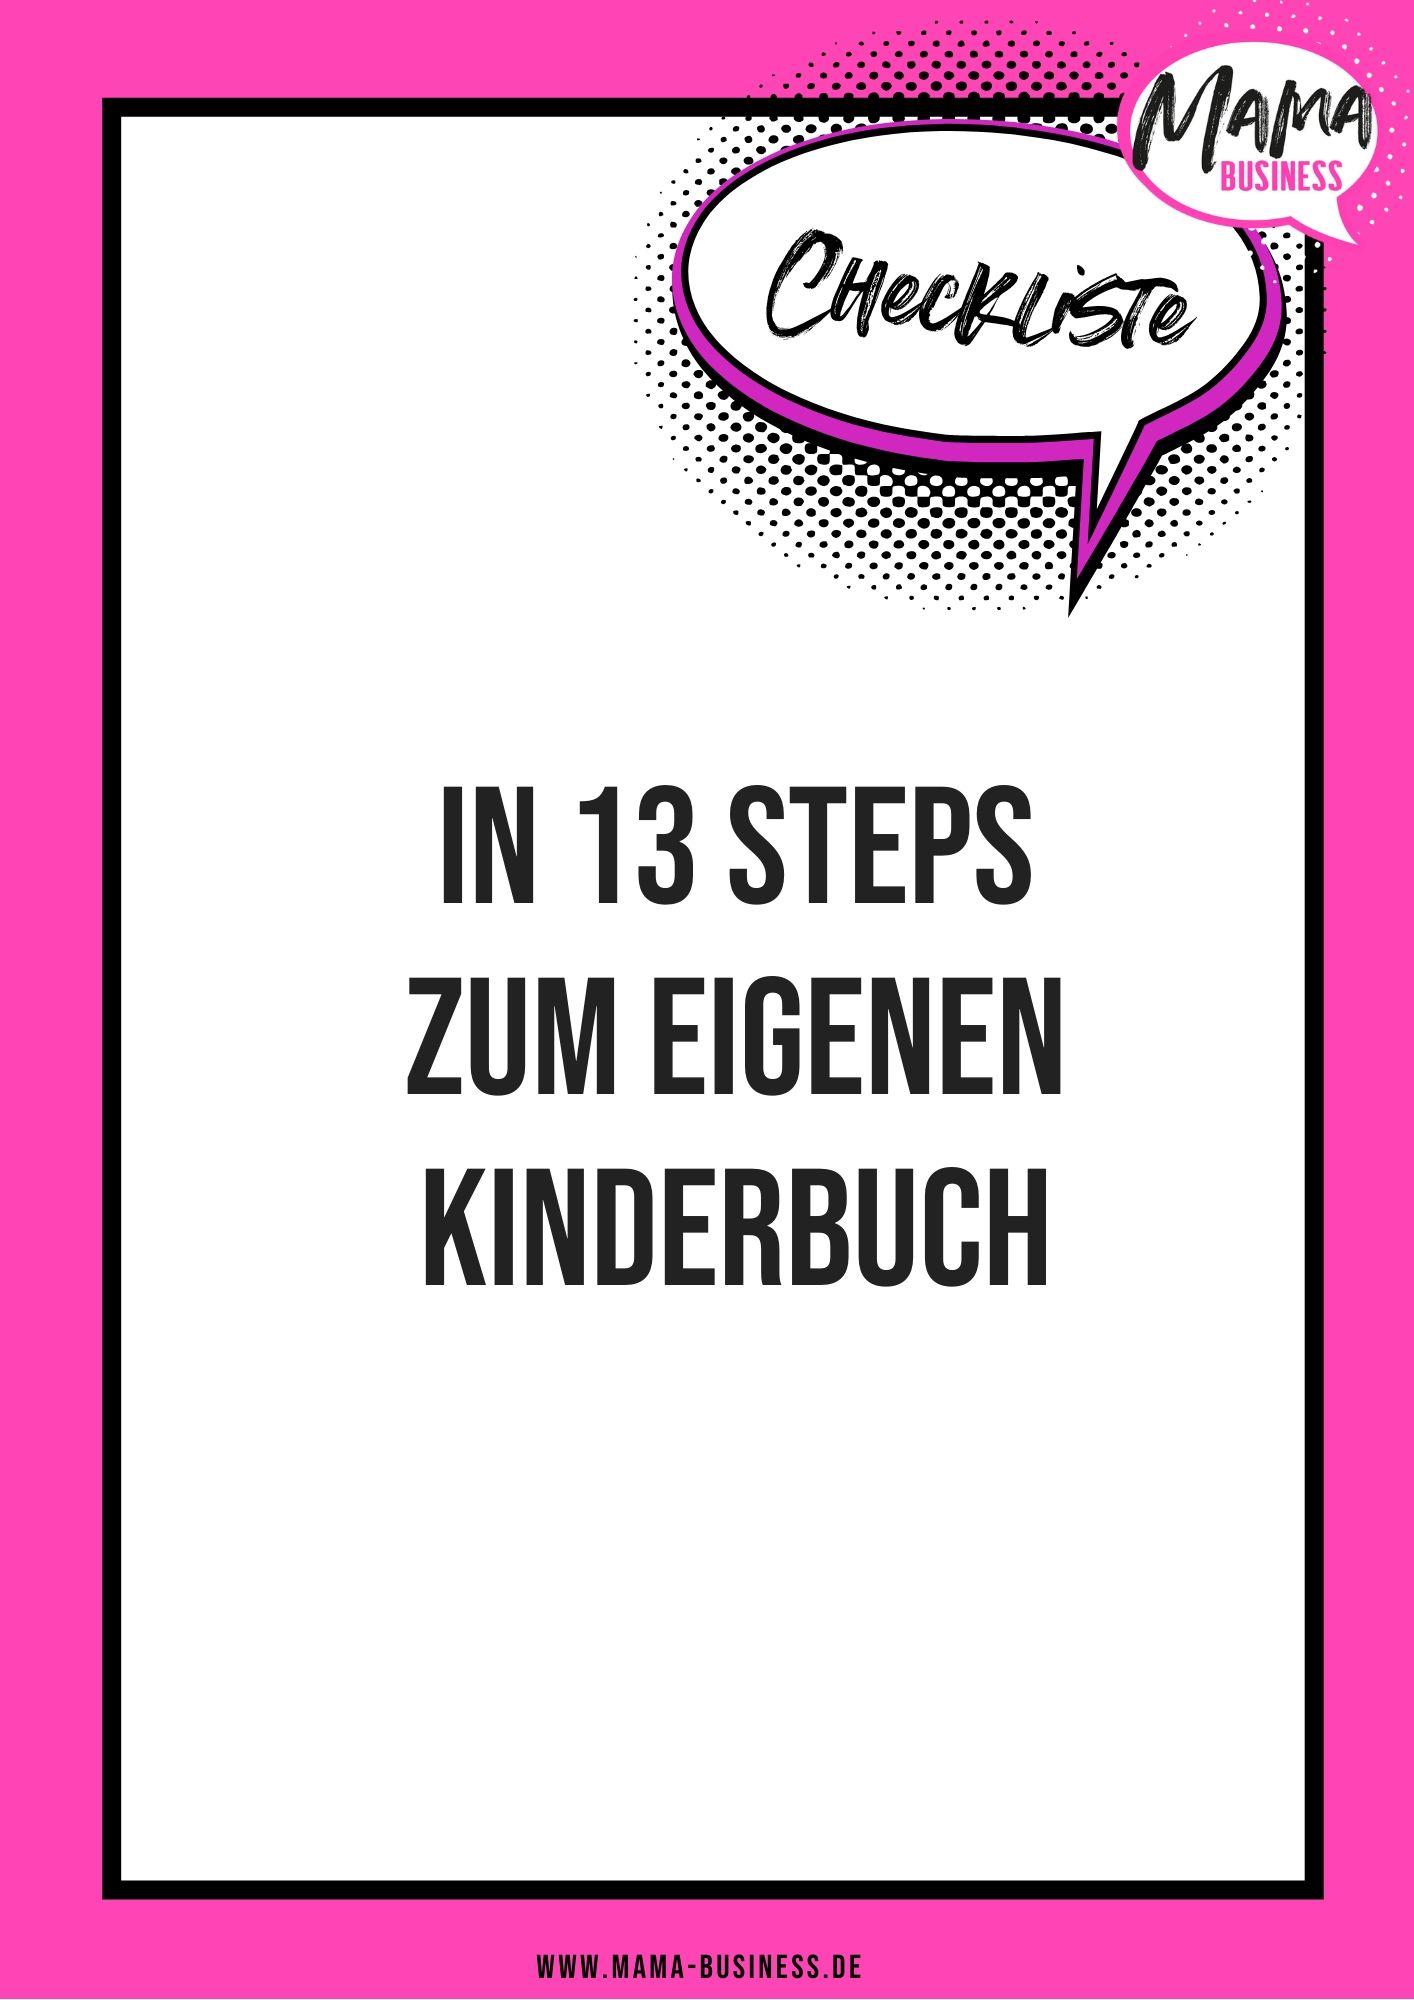 in-13-steps-zum-eigenen-buch-checkliste-mama-business